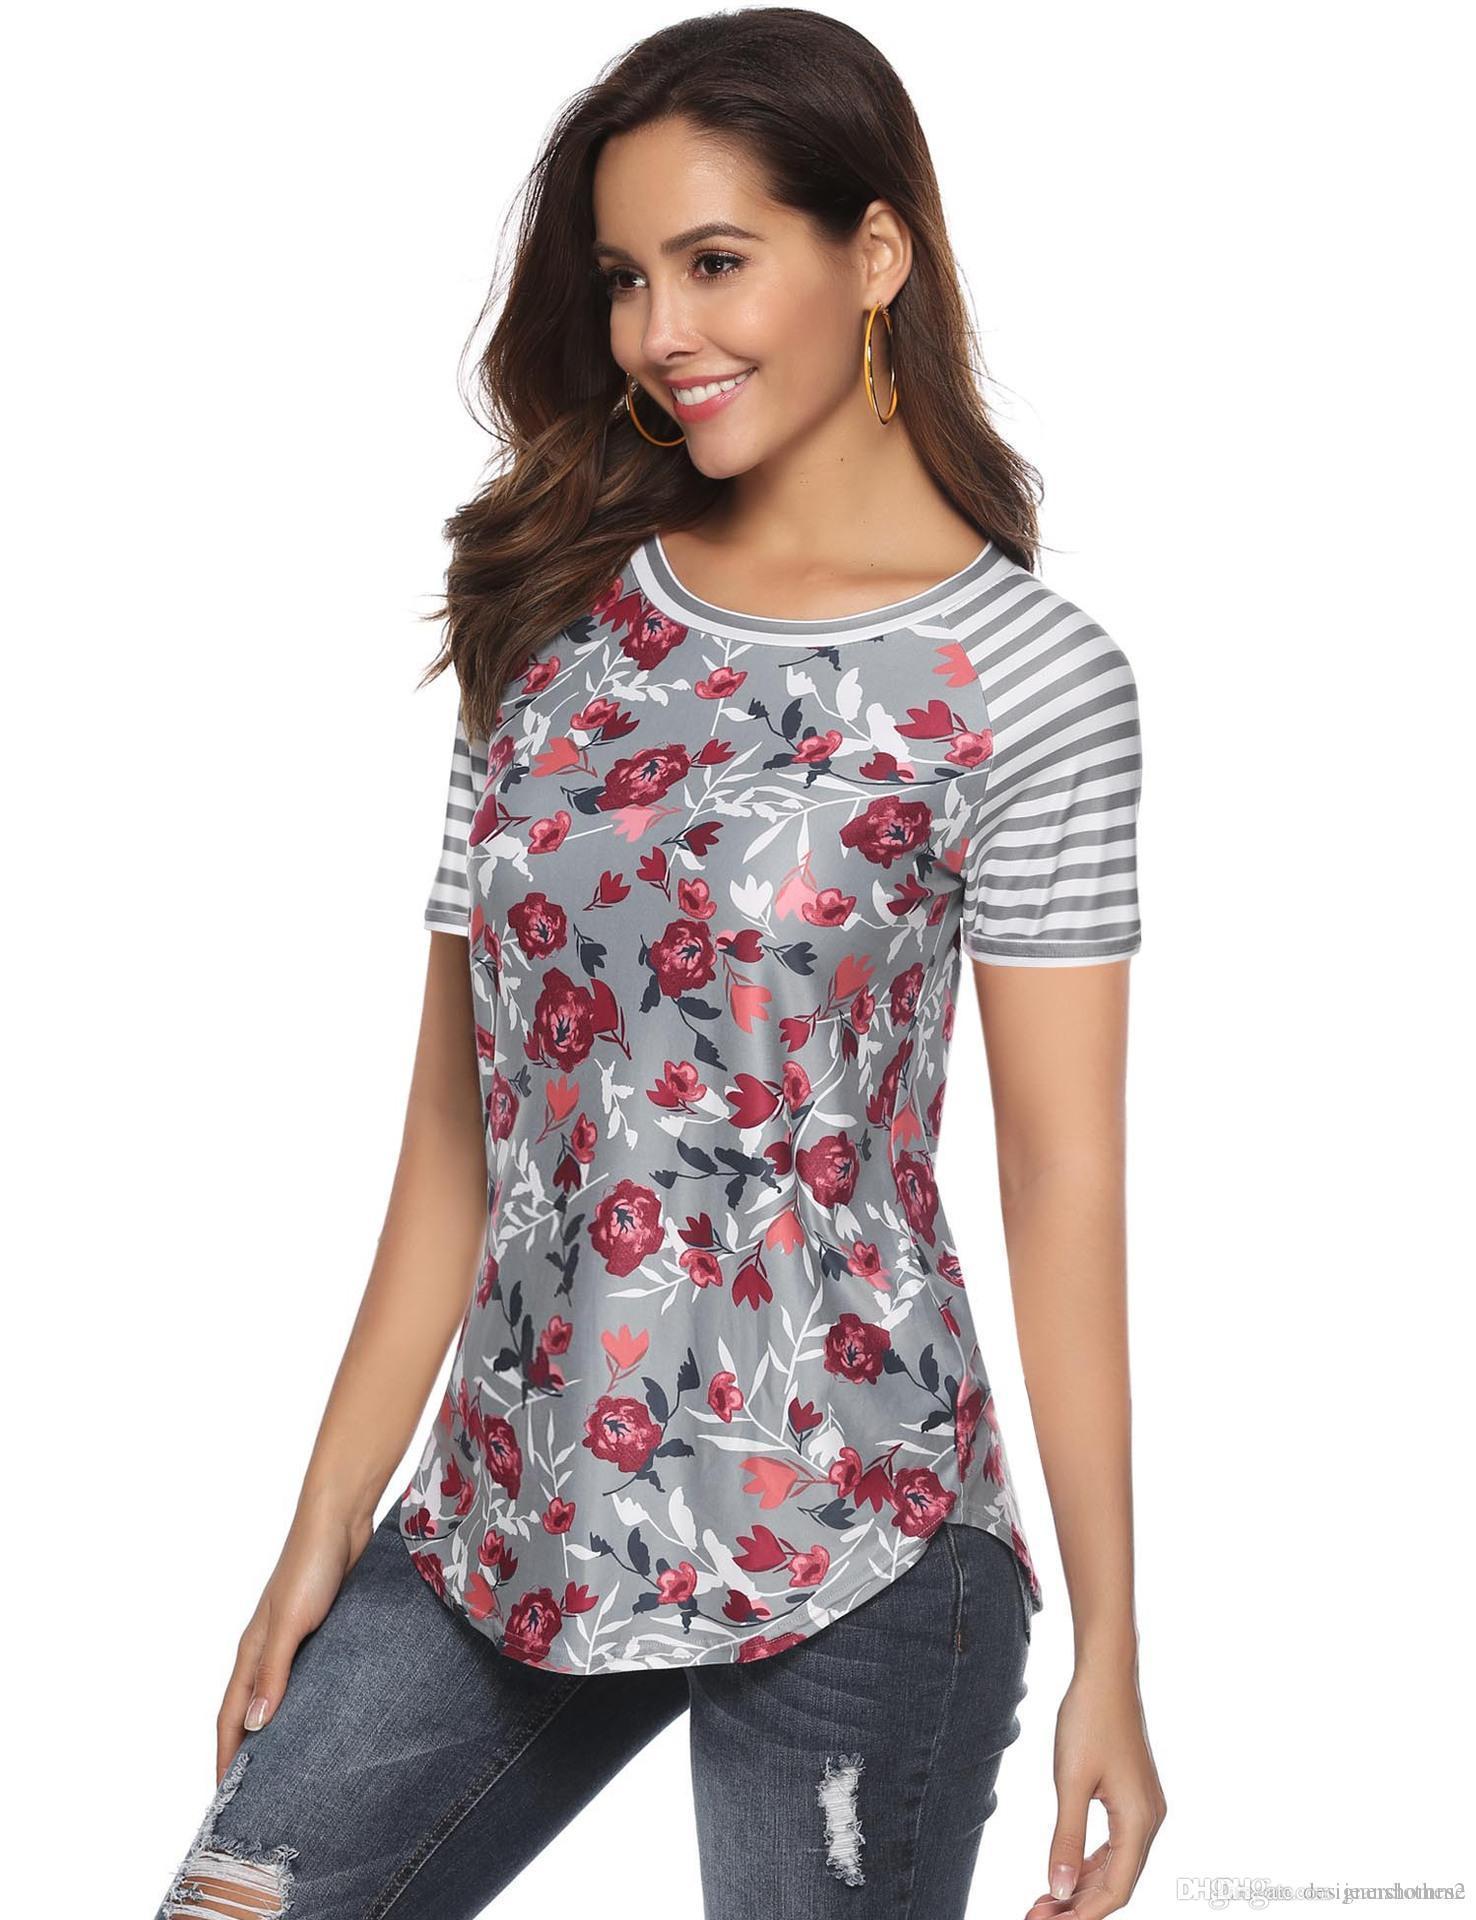 Цветочная Printed Футболка женской одежда лето девушки Crew Neck Щитовой с коротким рукавом Летней рубашки конструктора